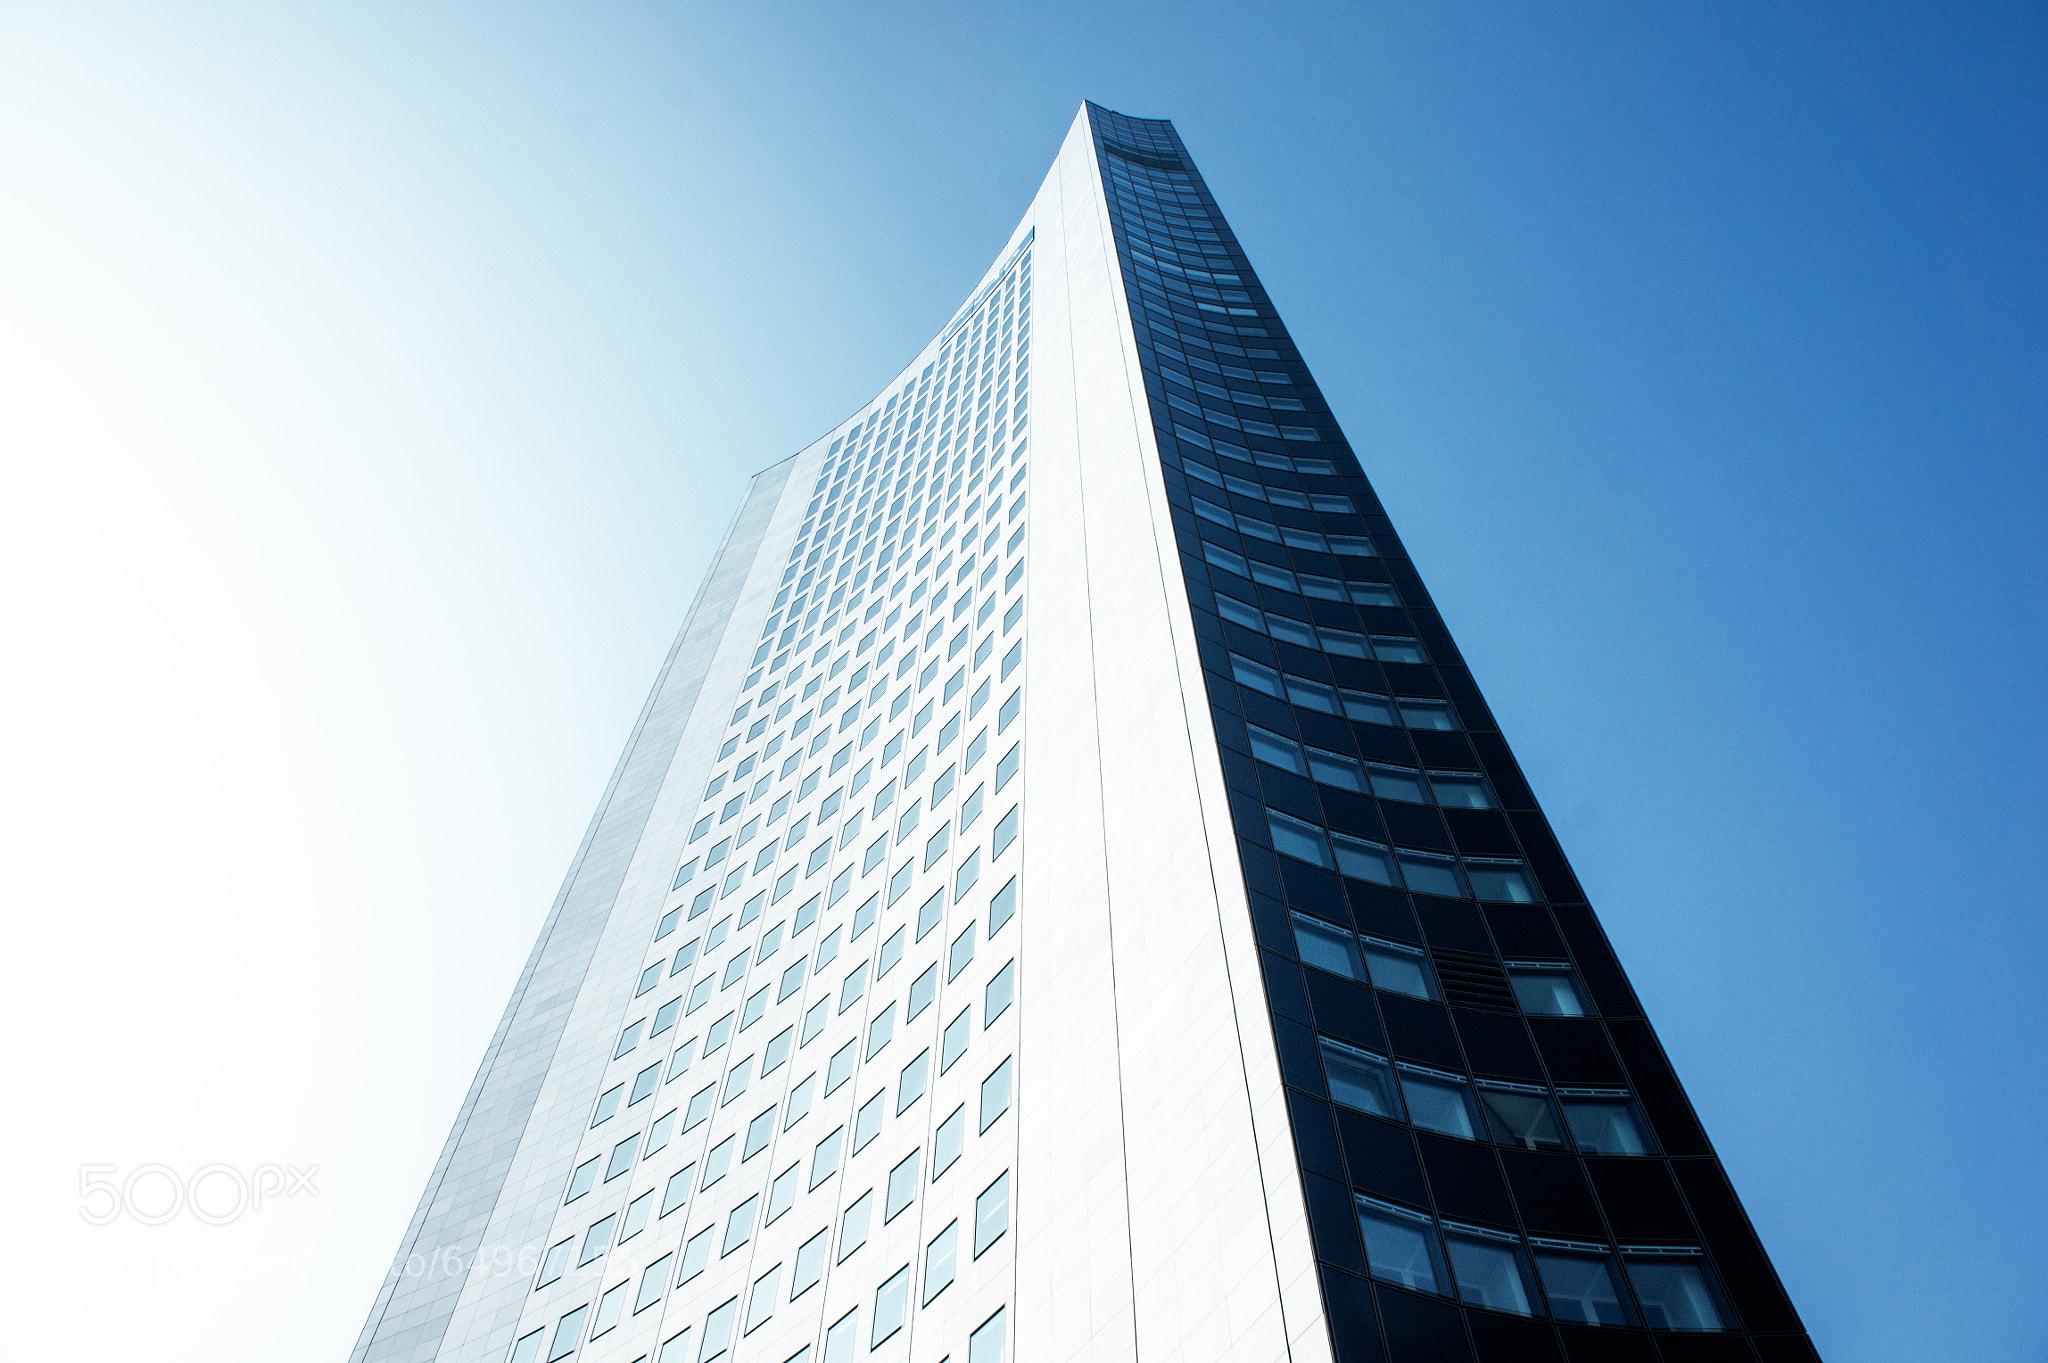 MDR building